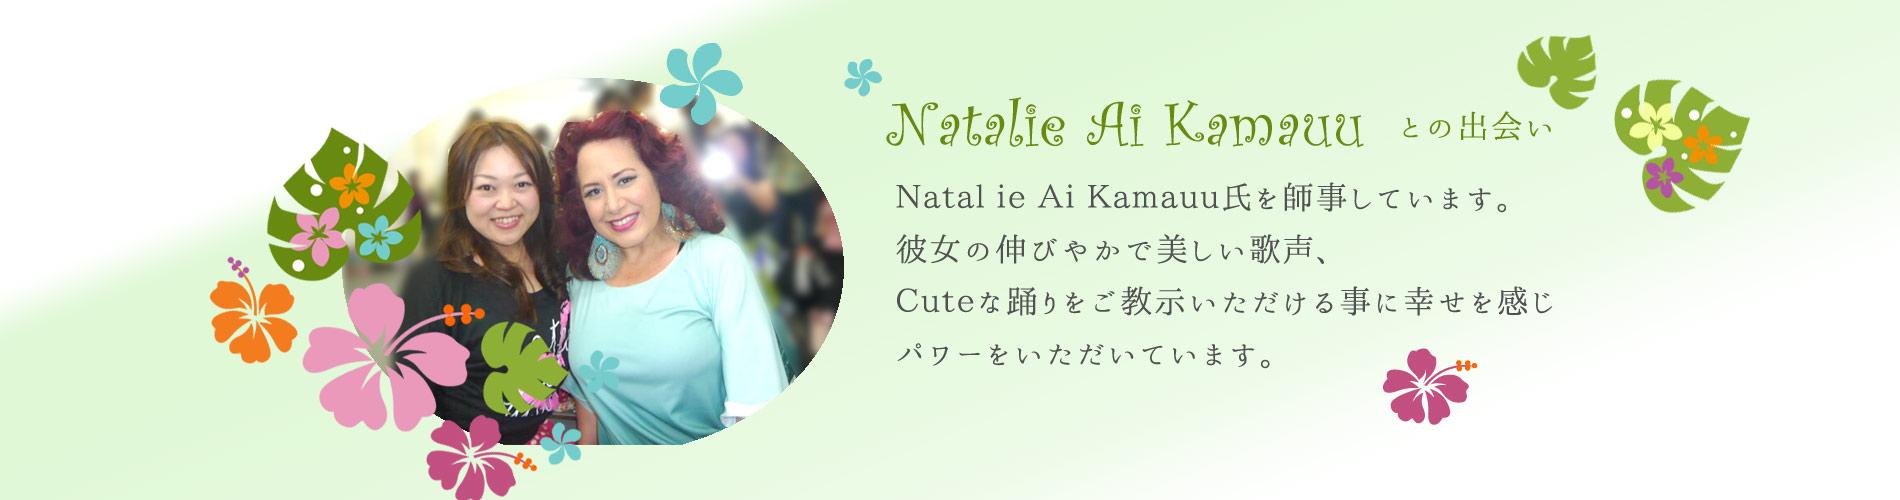 当フラのMachikoLiko主宰はナタリー・アイ・カマウウ氏直伝のフラをお伝えします。